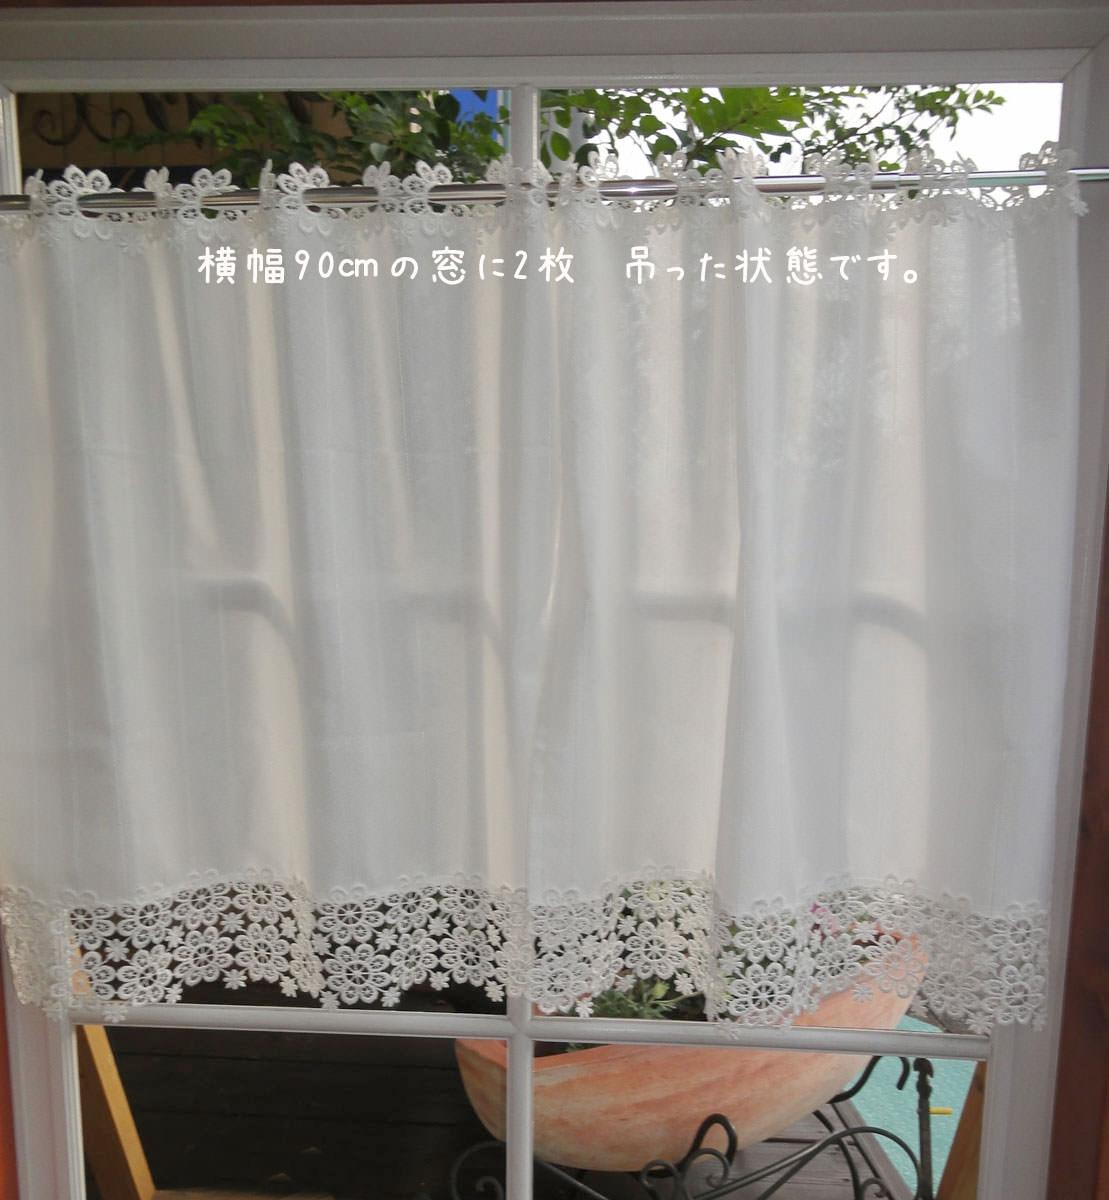 入荷しました!バージョンアップ 【縦60】セミロング 菌の増殖を抑える制菌加工を施しまし お花レース付『カフェカーテン』冷暖房効率アップ 可愛い選べる 色と機能、遮熱や防炎 制菌加工 機能有等 白とベージュ、小窓用 涼やか 日よけ 日除け